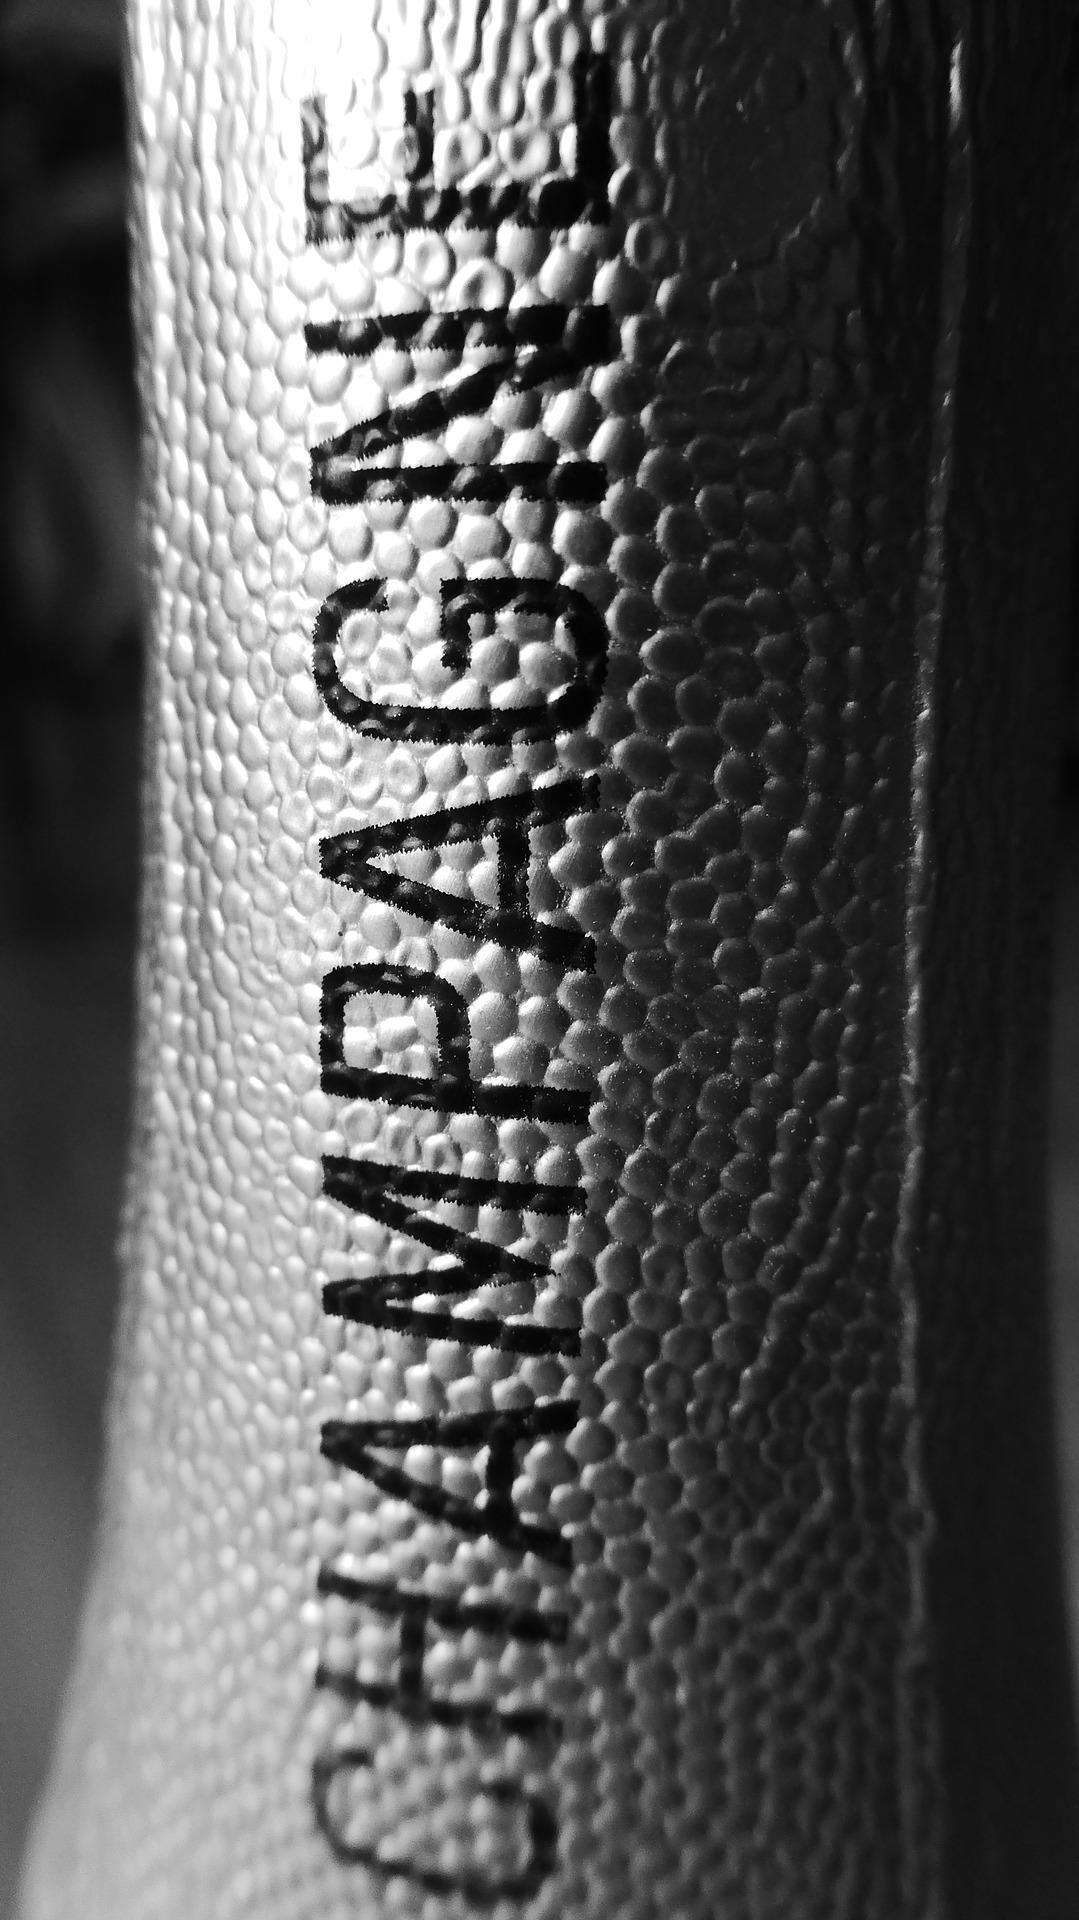 mesa-habla-champagne